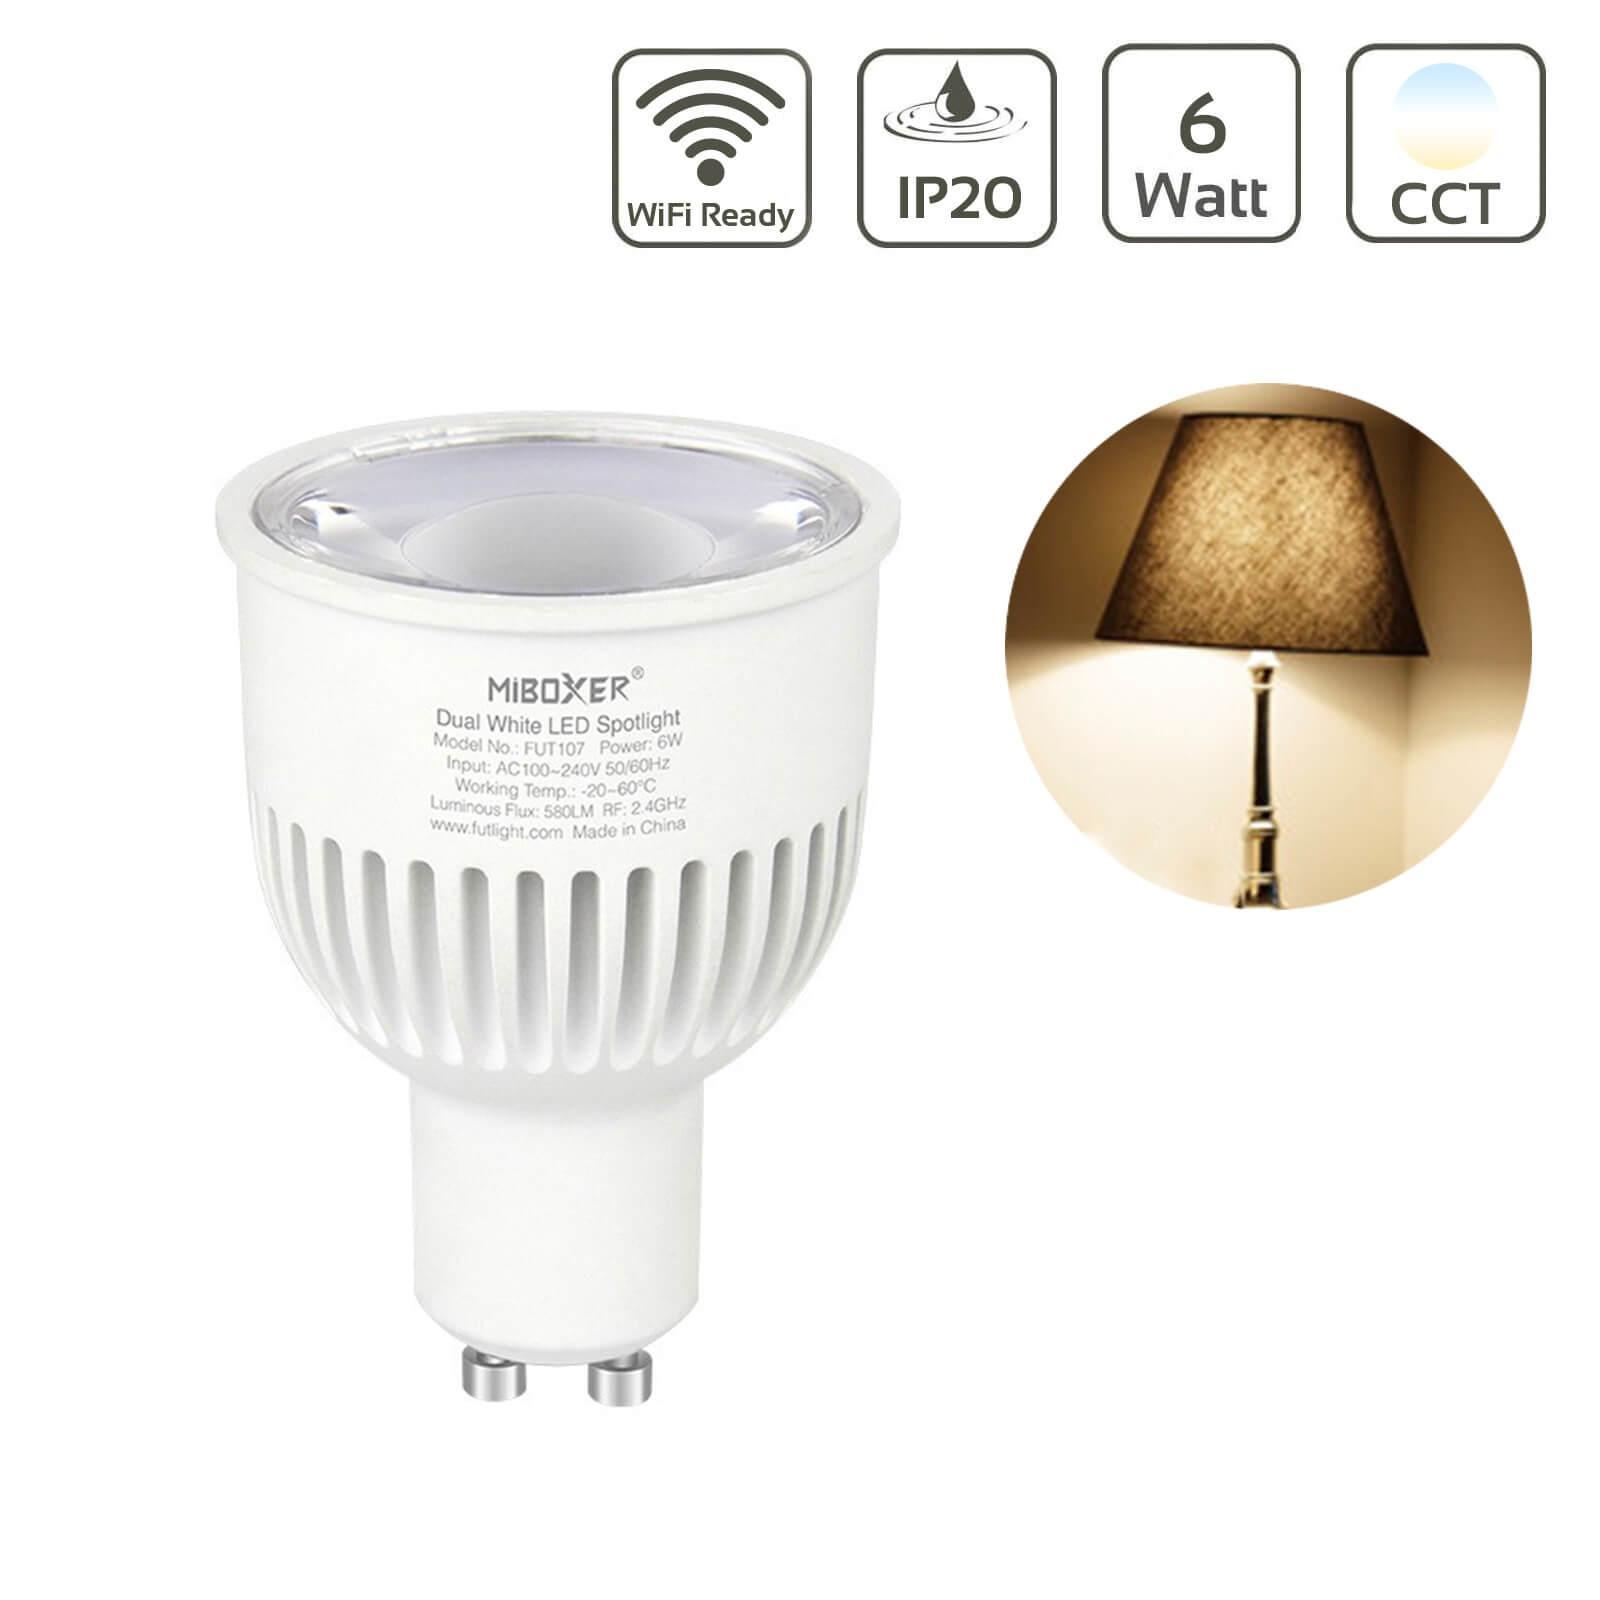 MiBoxer CCT LED Spot 6W GU10 Wifi ready